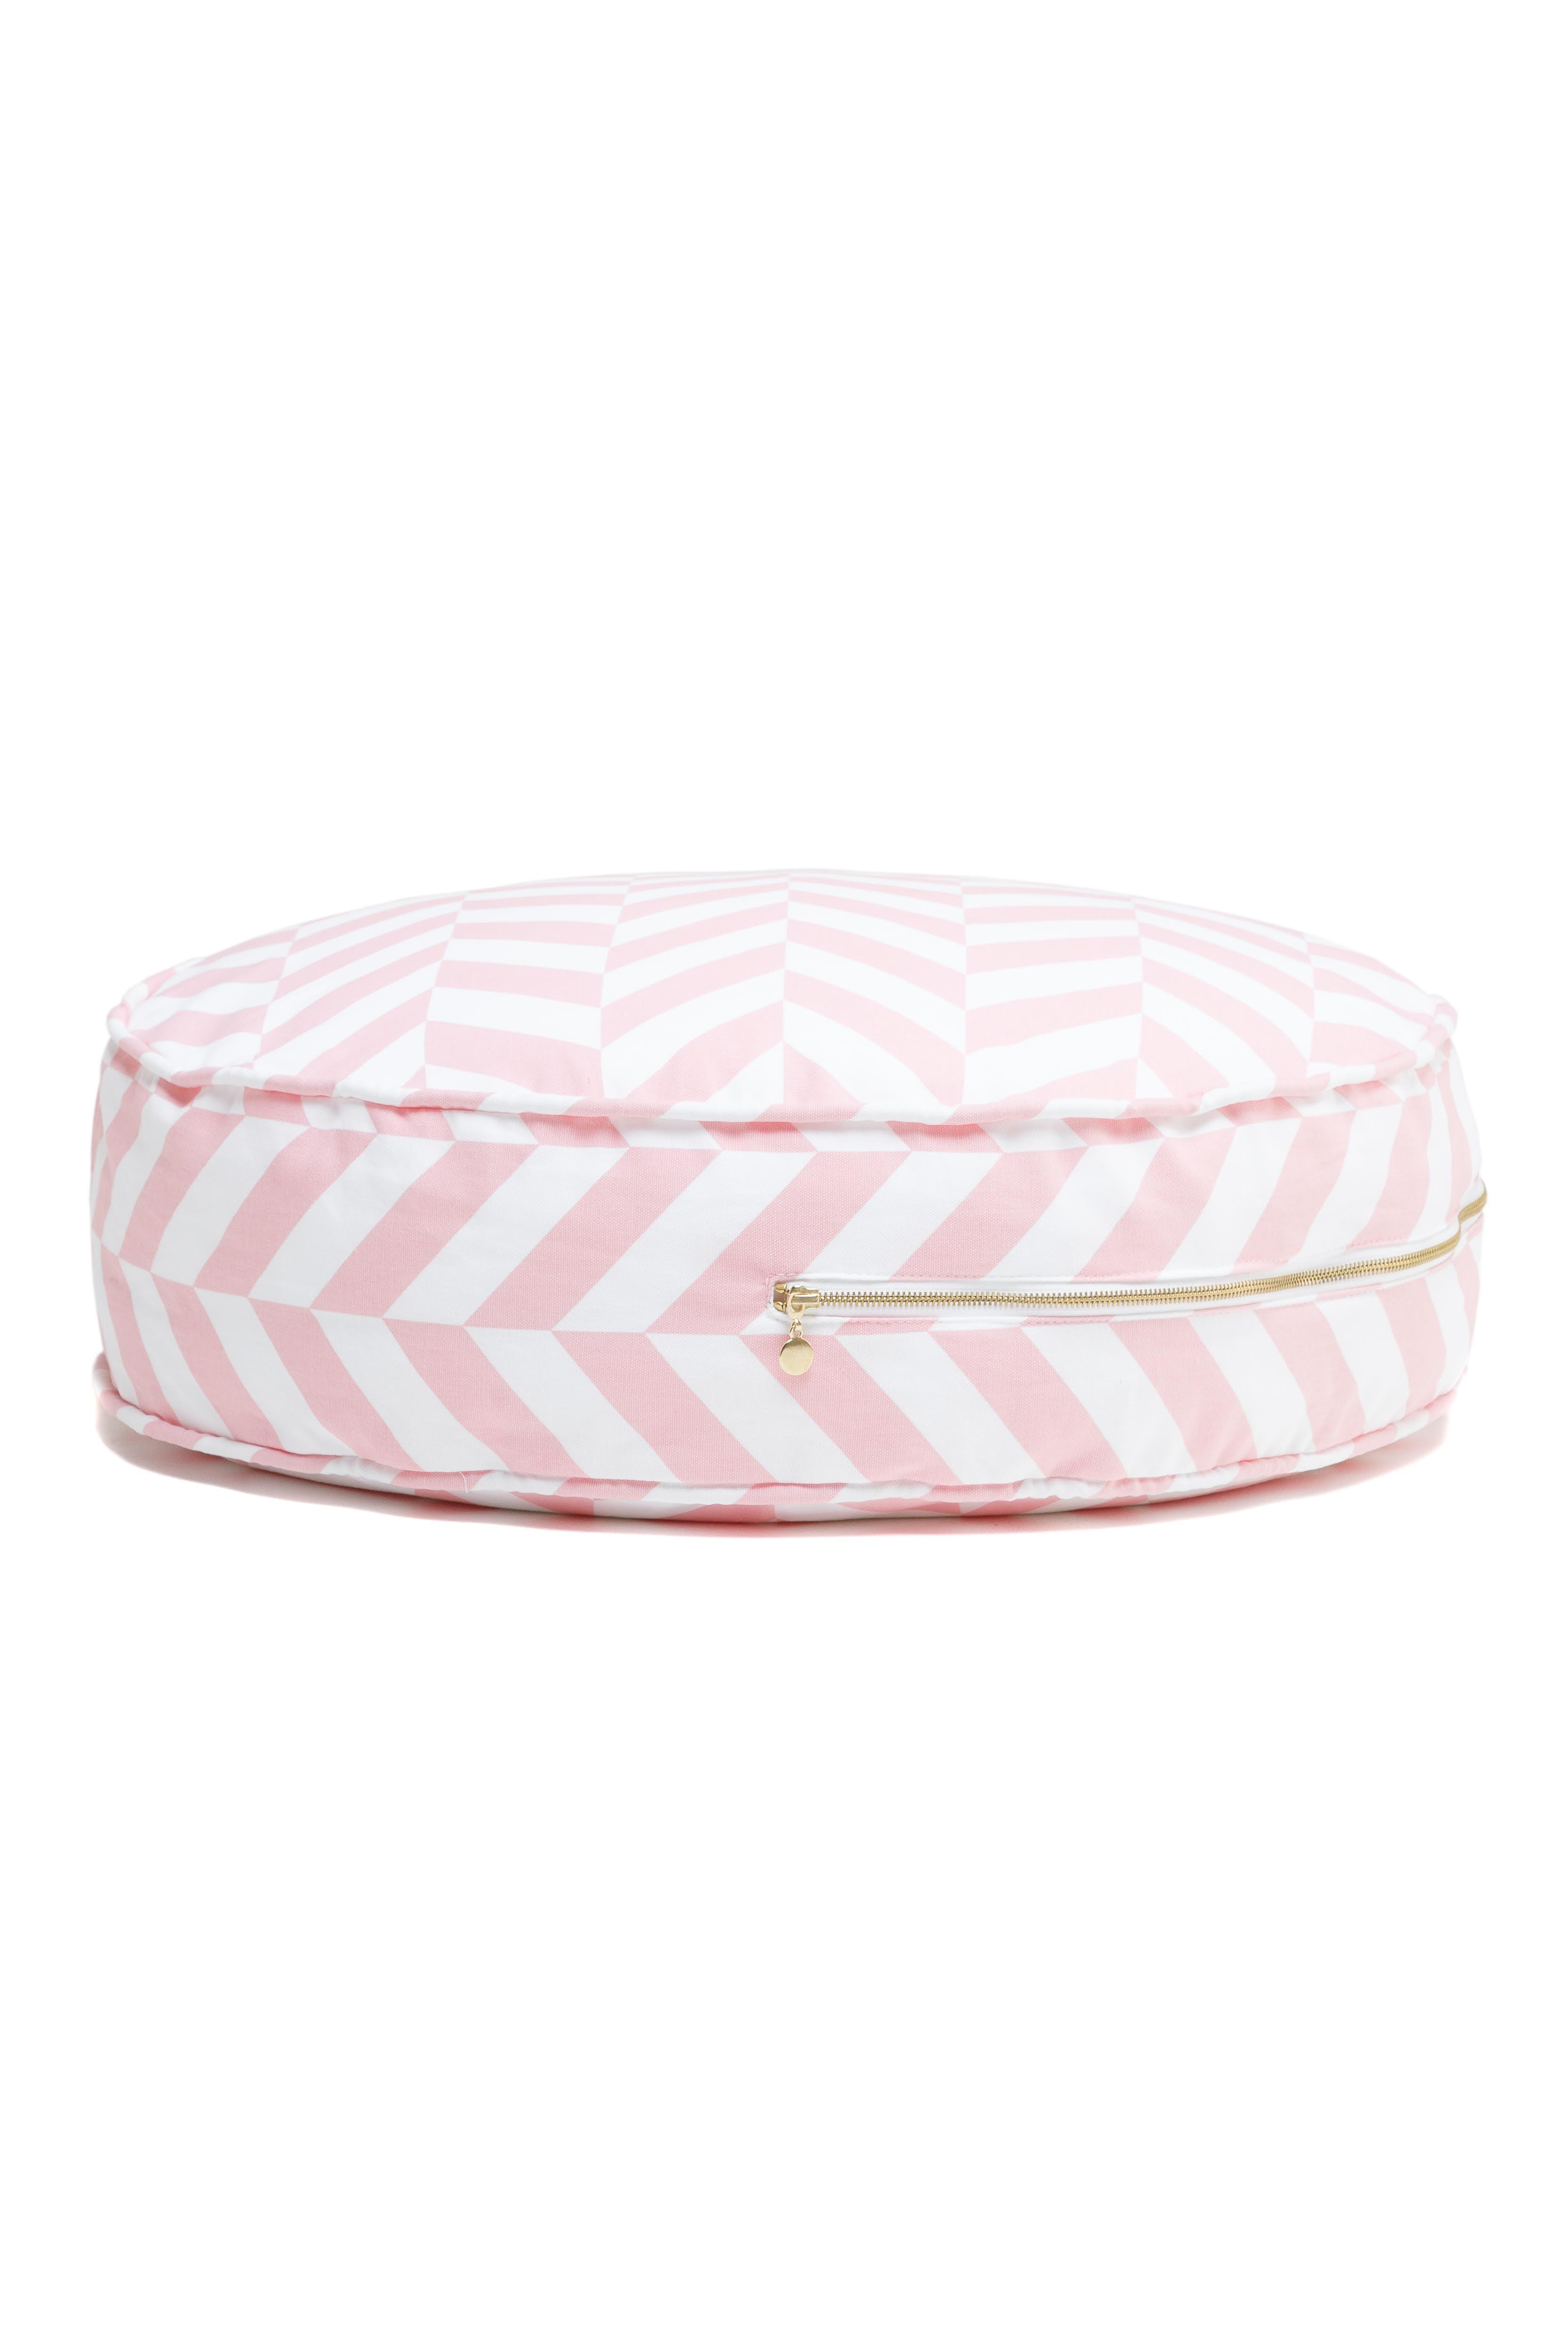 rundes Sitzkissen Ottomane Zickzack rosa weiß